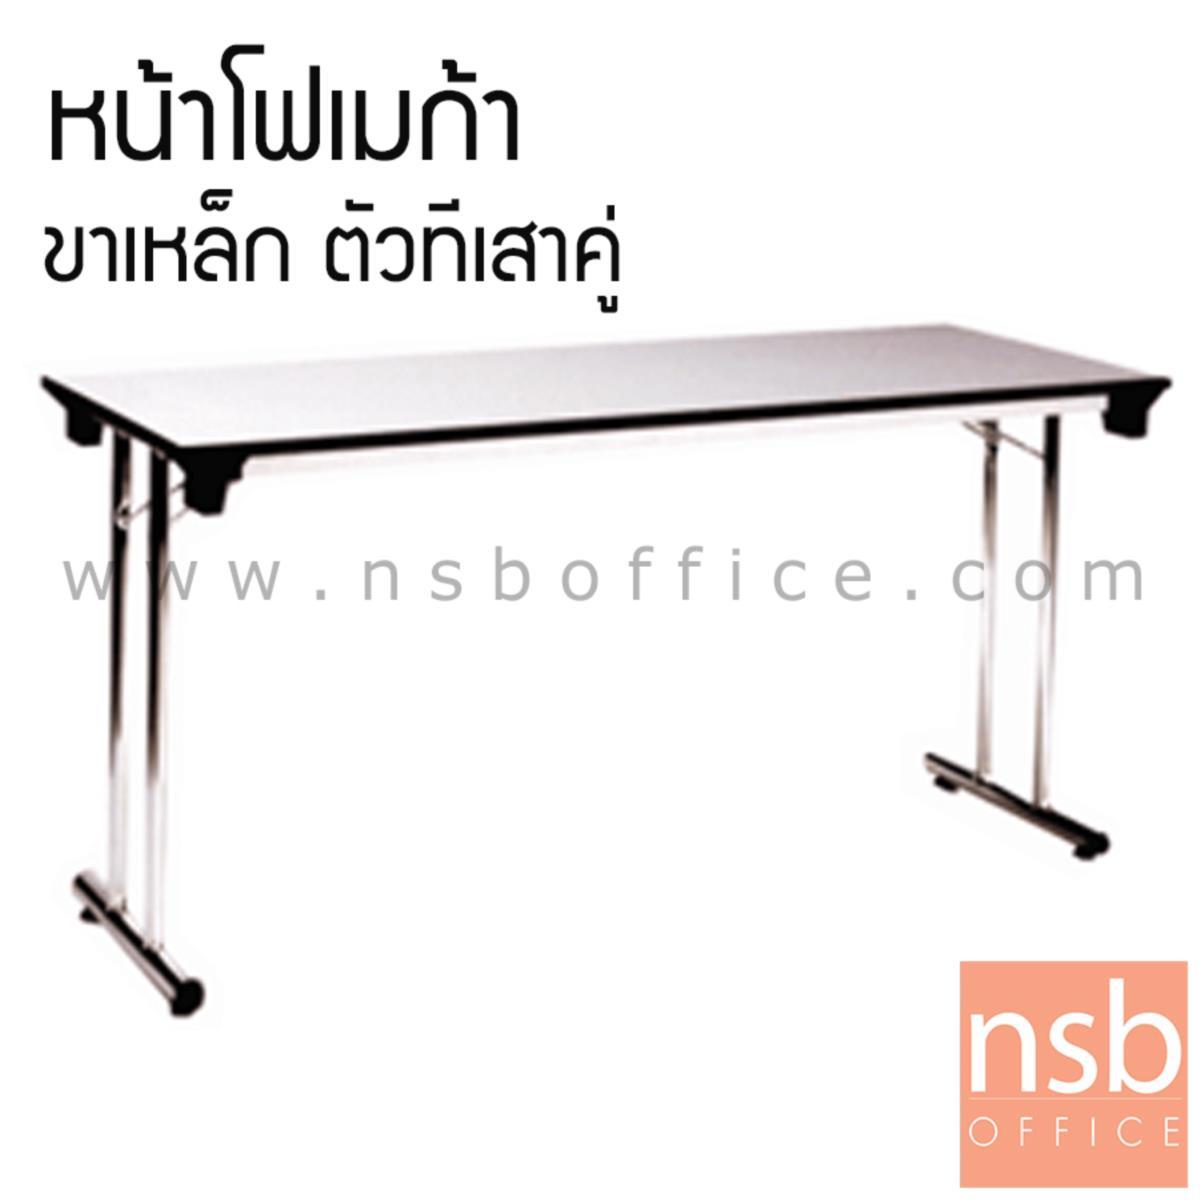 A07A015:โต๊ะพับหน้าโฟเมก้าขาว รุ่น Carolla (คาโรล่า) ขนาด 5 ,6 ฟุต  ขาตัวทีชุบโครเมี่ยม